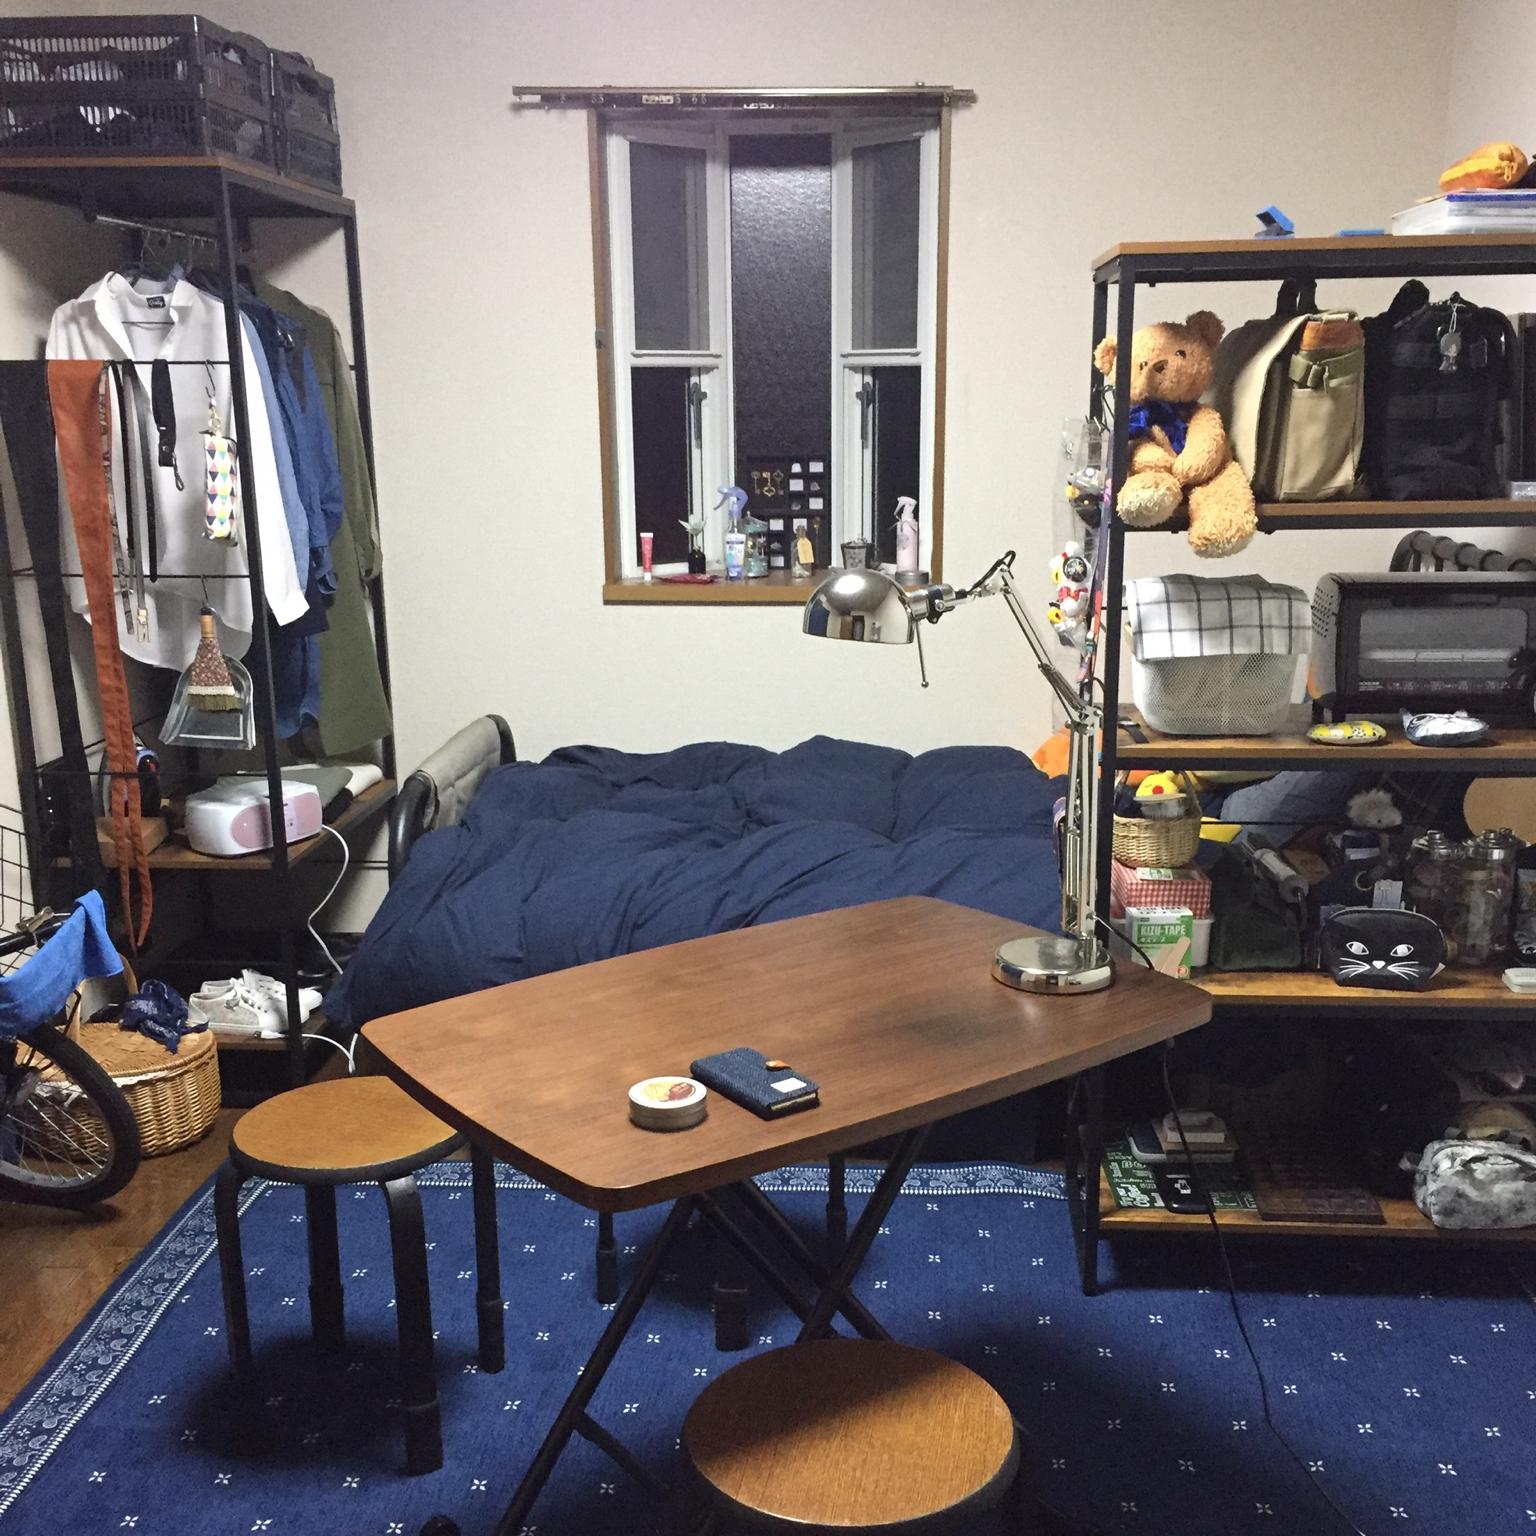 Overview/無印良品/ダイソー/IKEA/100均/一人暮らし/セリア/男前に関連する部屋のインテリア実例